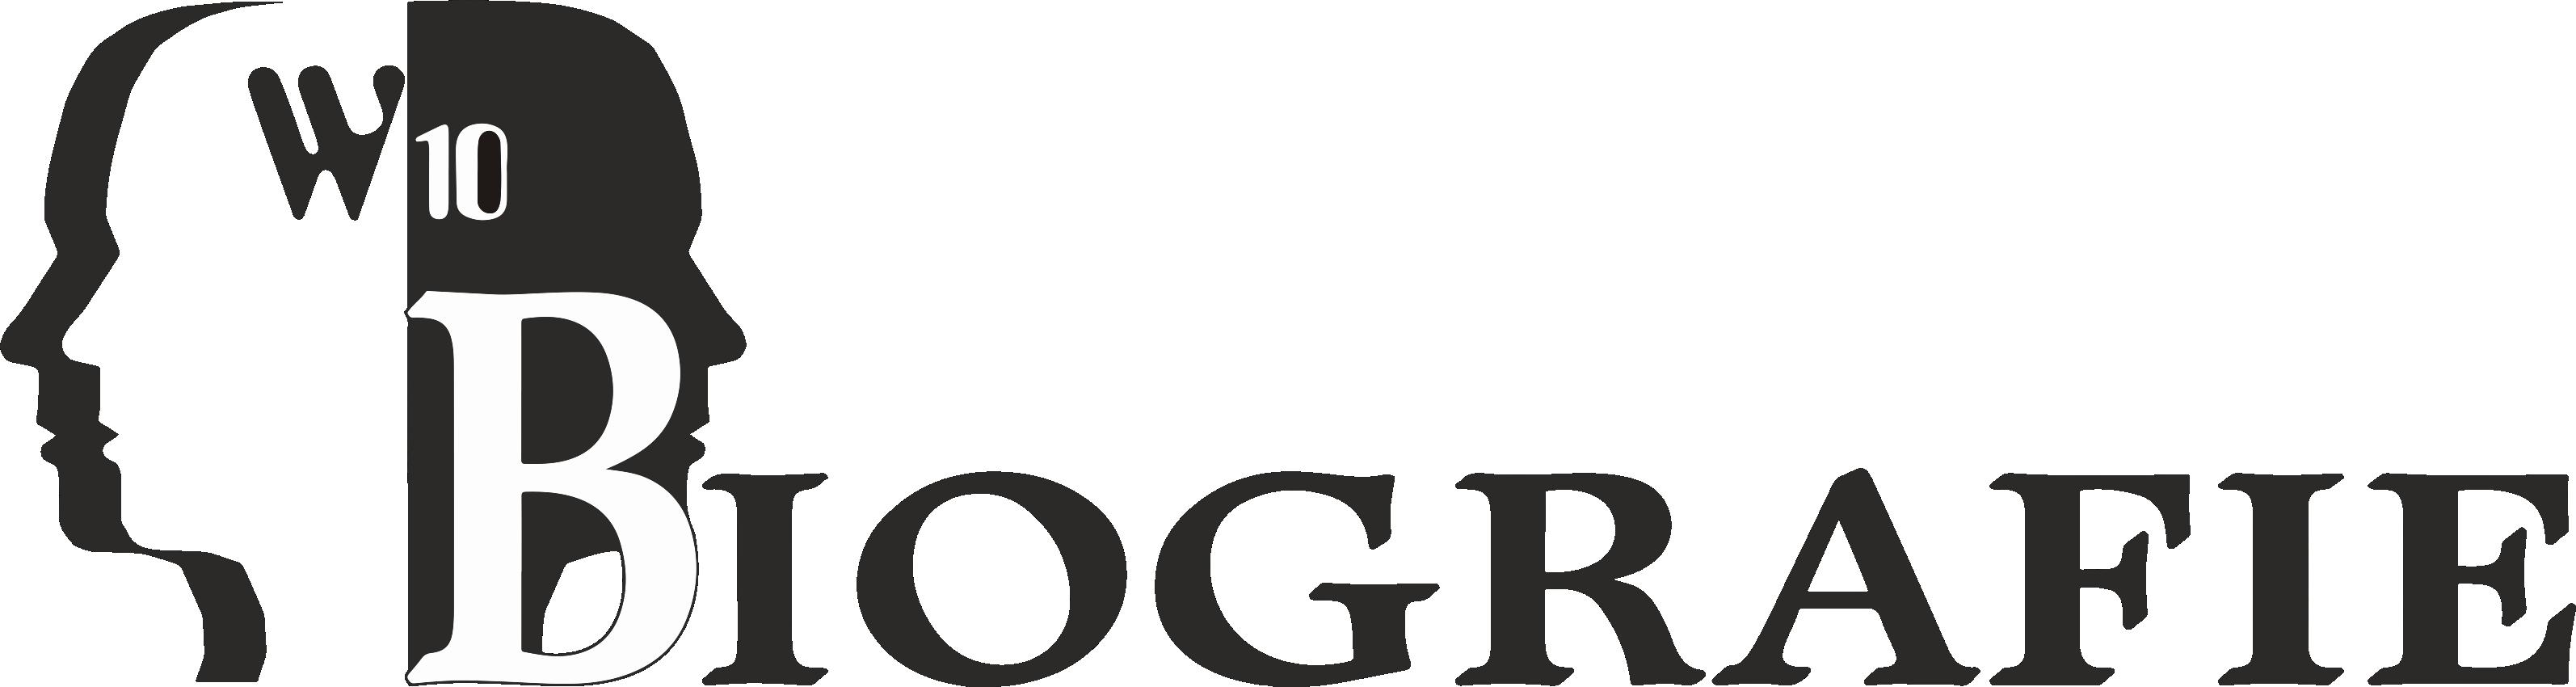 logotyp w10